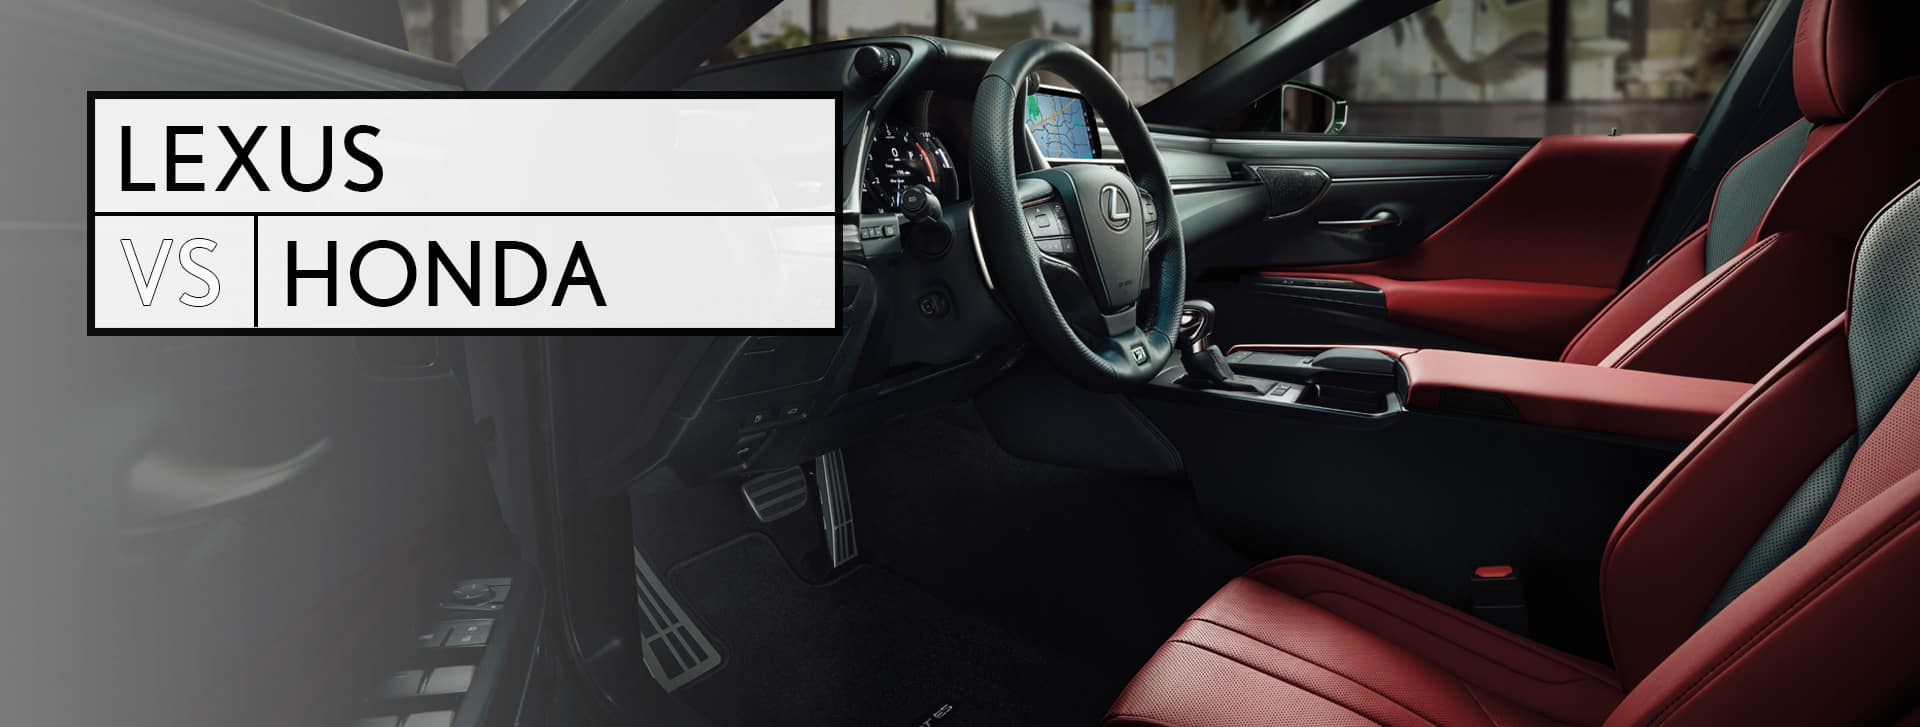 Lexus vs Honda Utica MI